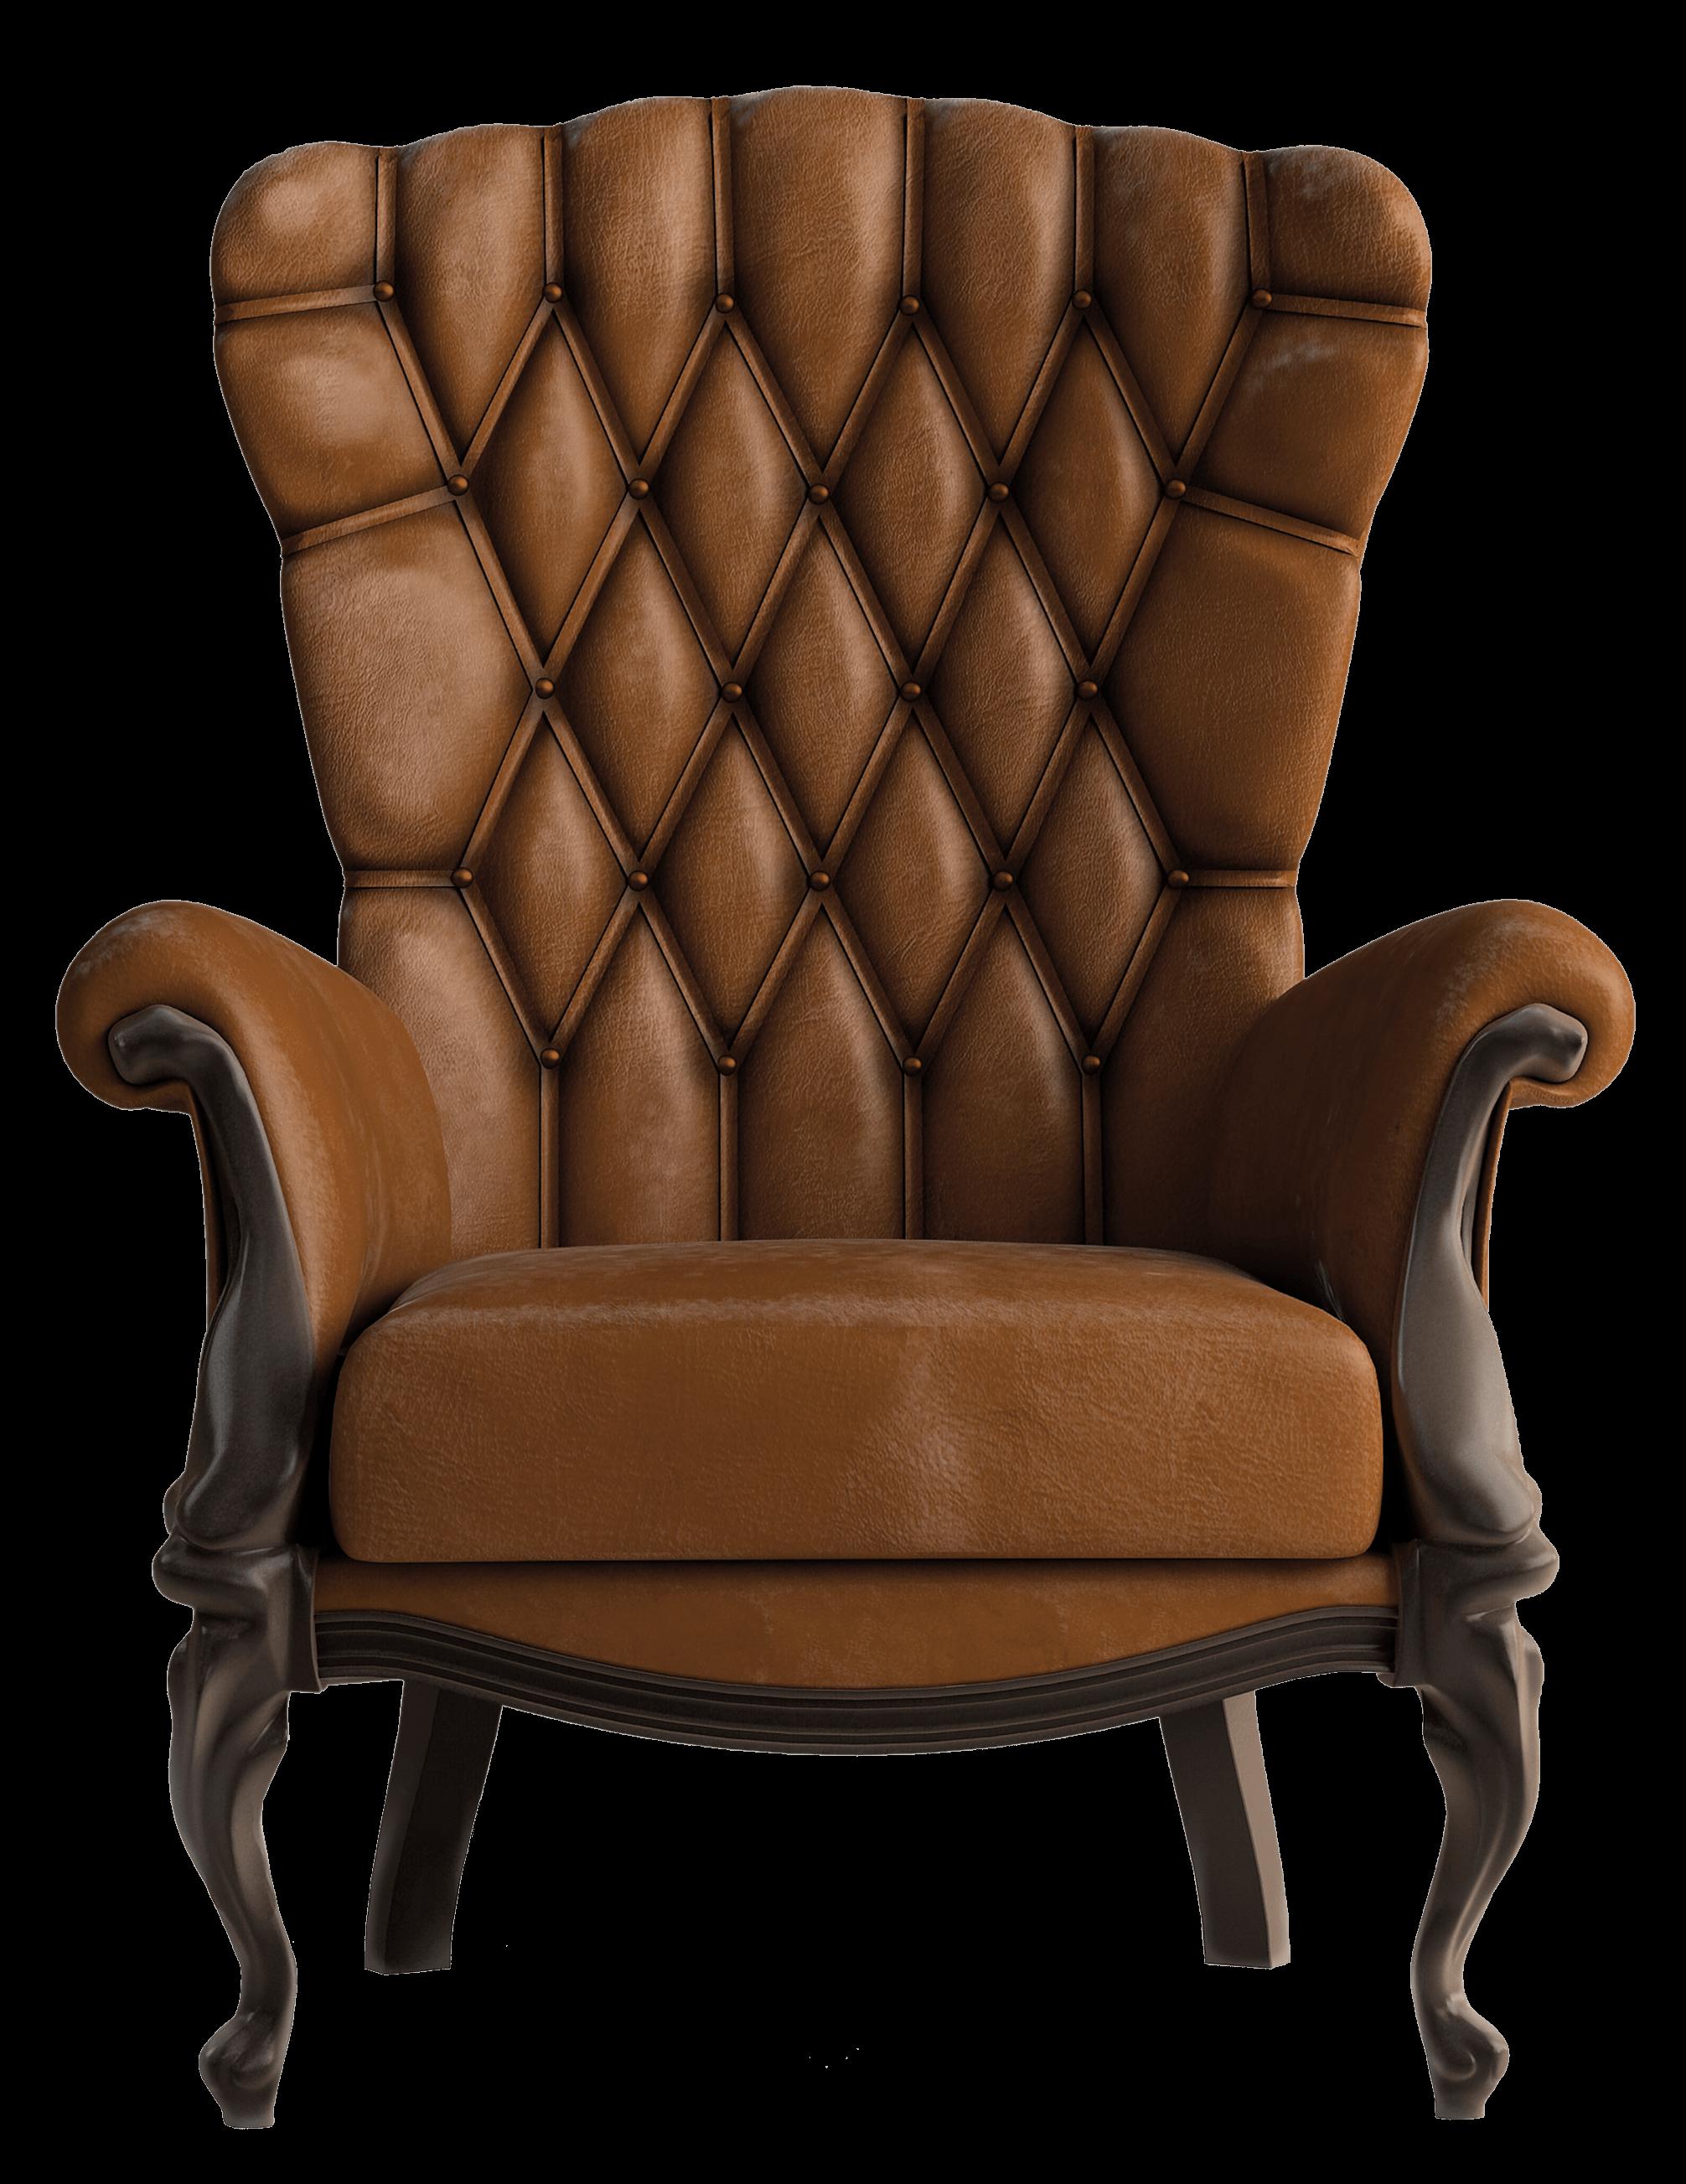 Armchair Vintage Brown - Armchair PNG